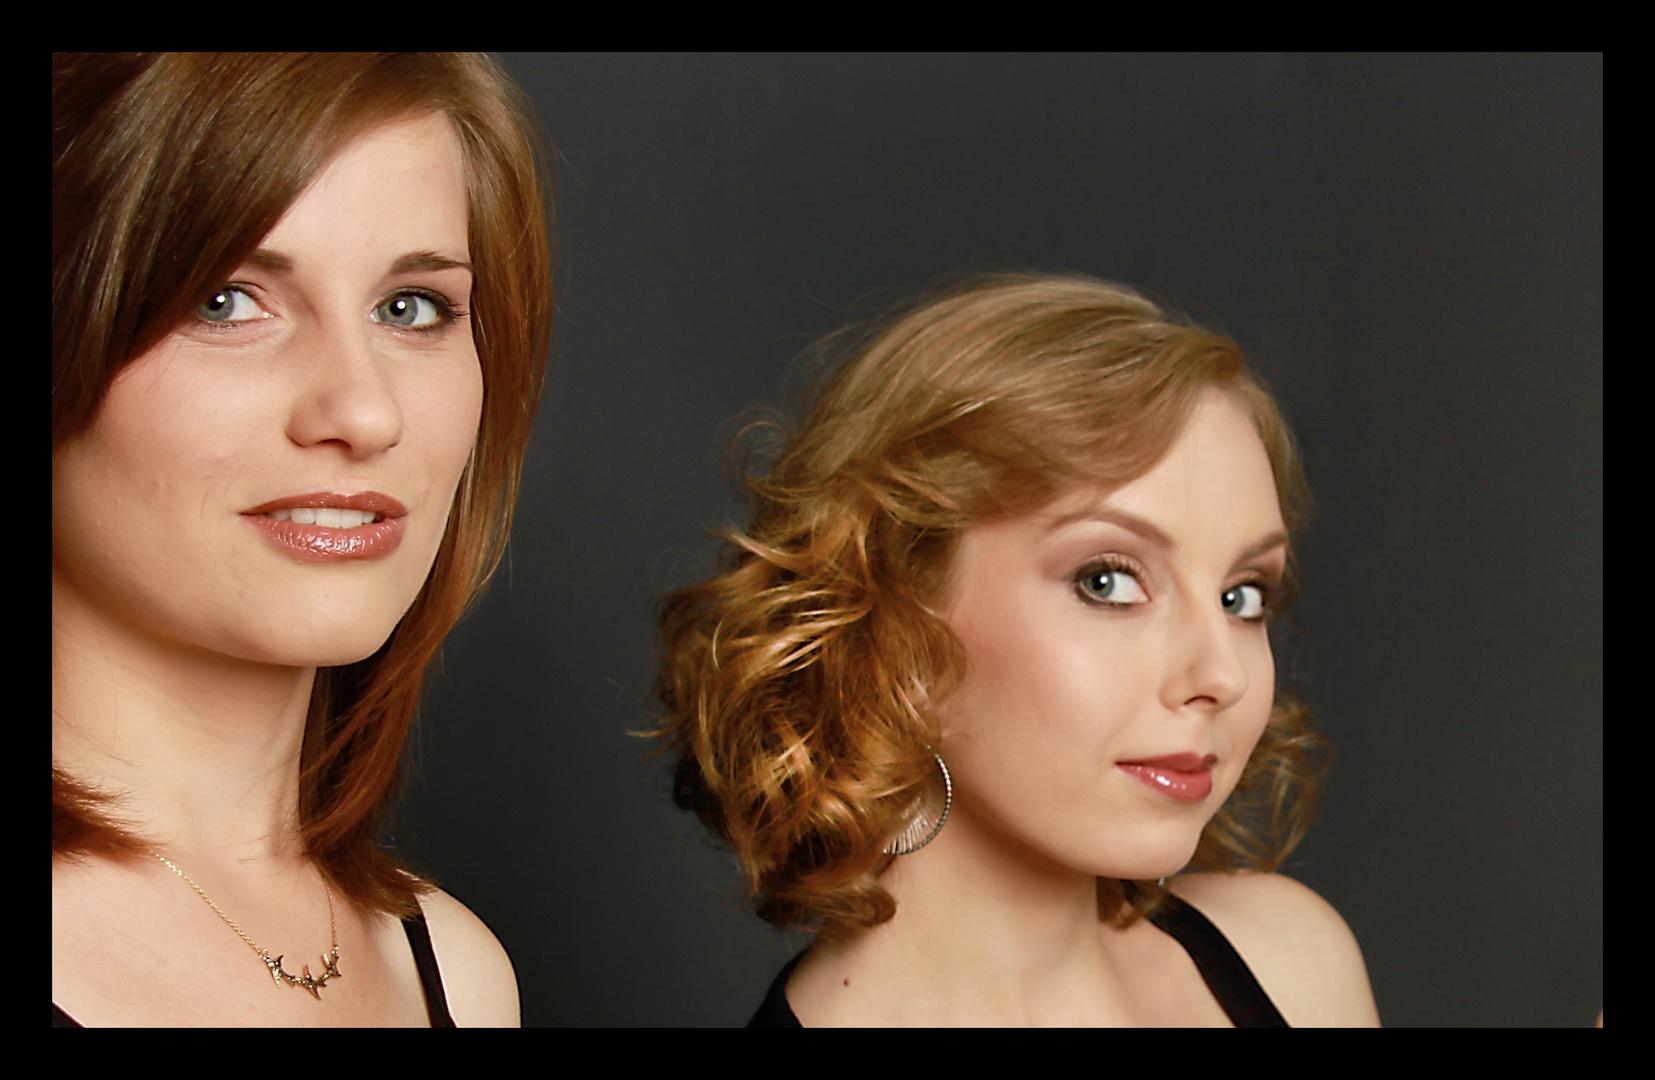 Doppel Portrait - Beautiful